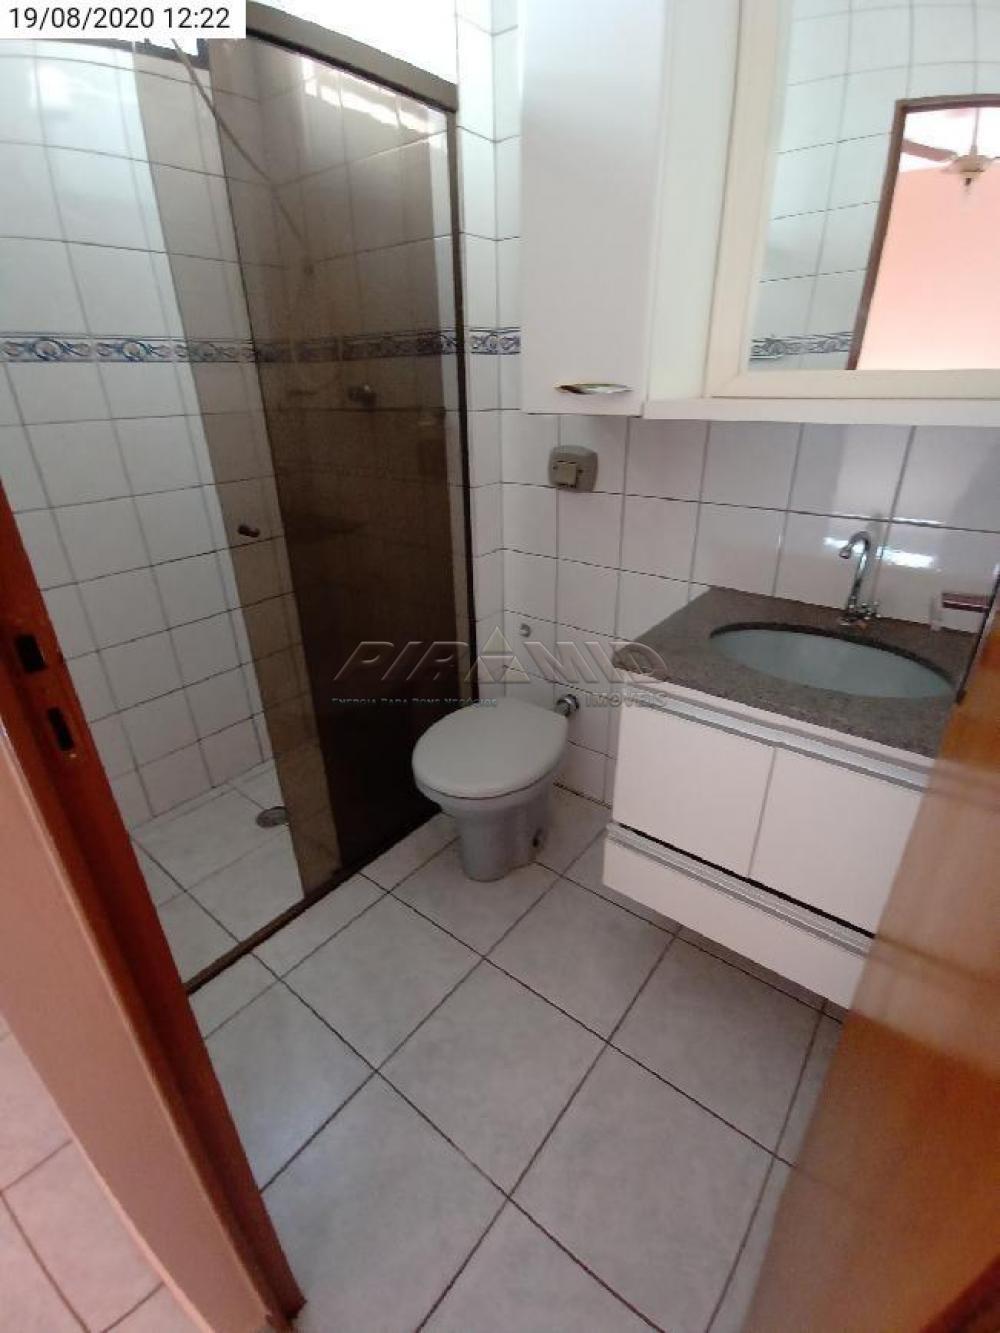 Alugar Apartamento / Padrão em Ribeirão Preto R$ 675,00 - Foto 11